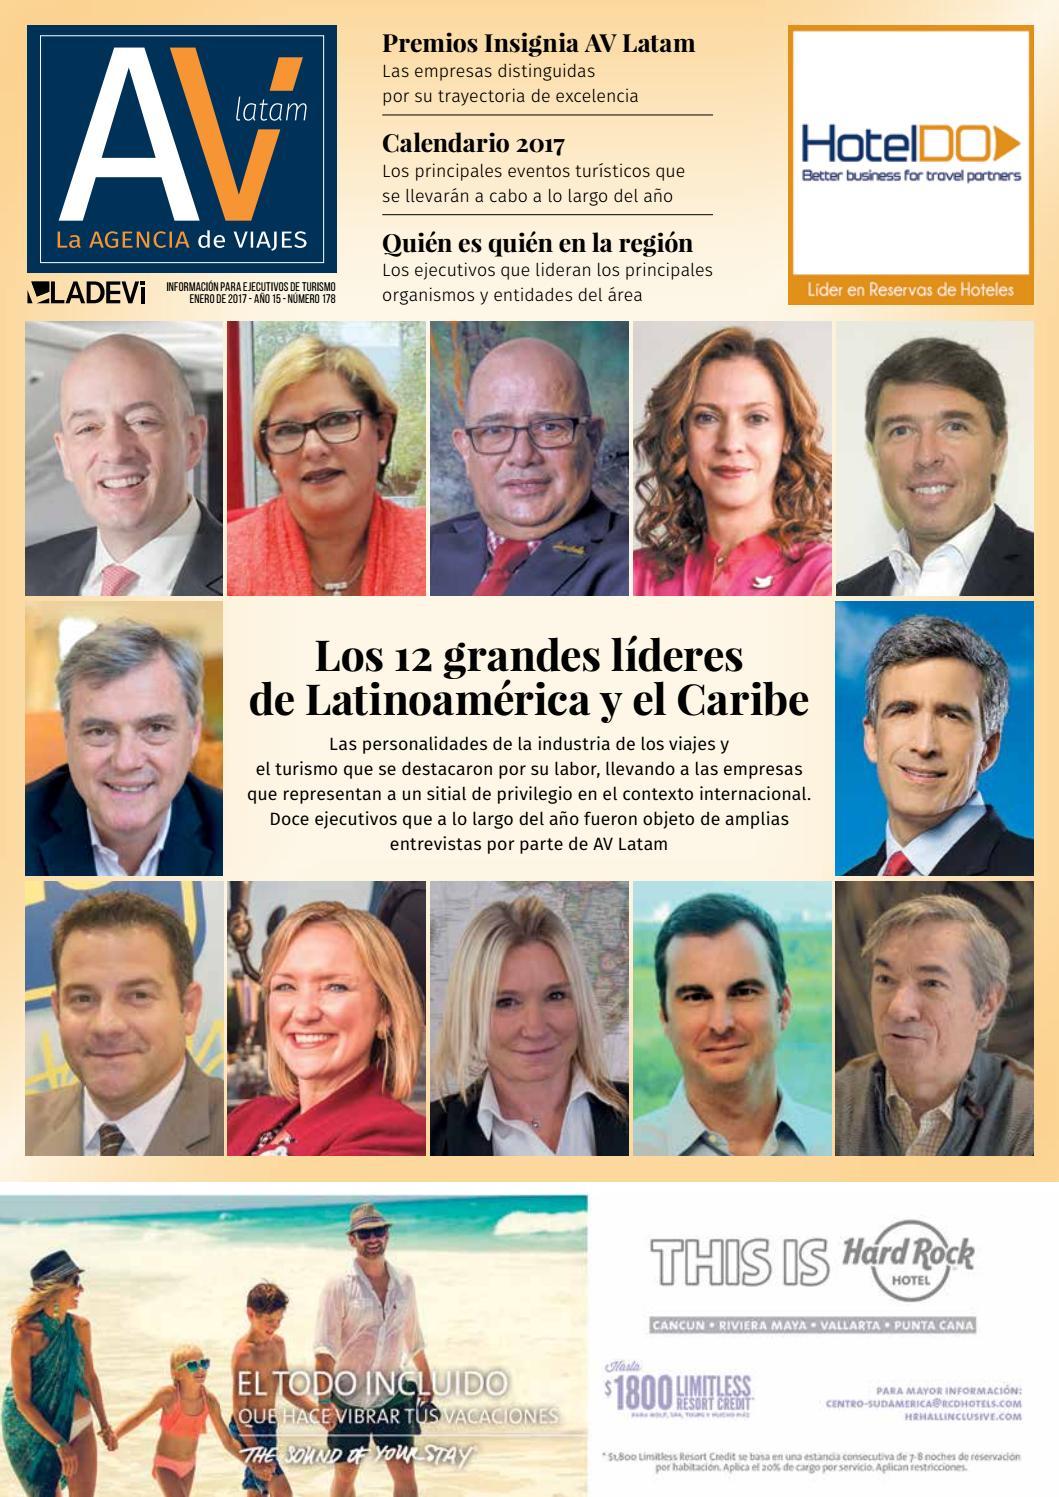 La Agencia de Viajes Latam Nº 178 by La Agencia de Viajes - issuu